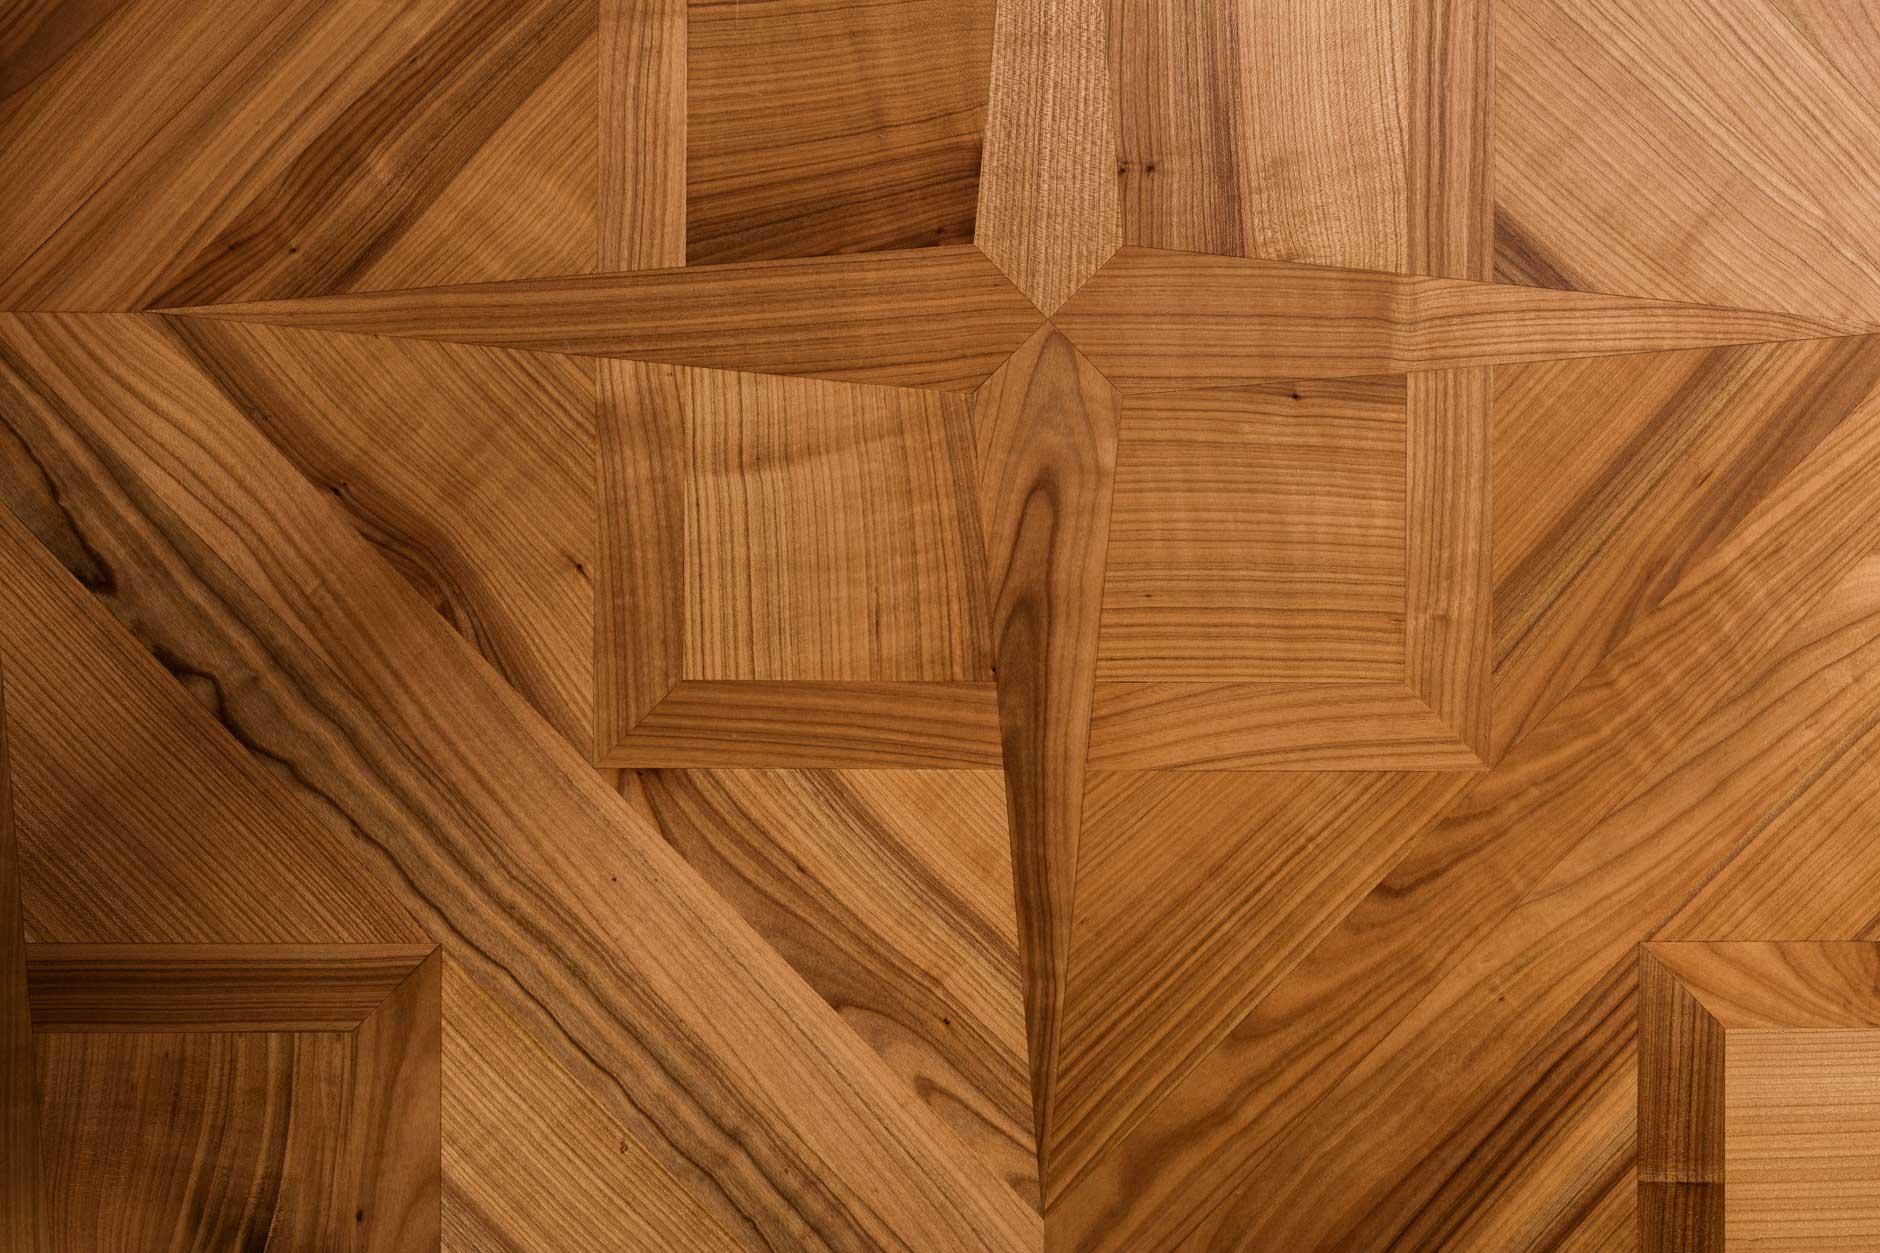 Fußboden Aus Alten Weinfässern ~ Parkettboden aus alten weinfässern: tafelparkett: mehr als 100